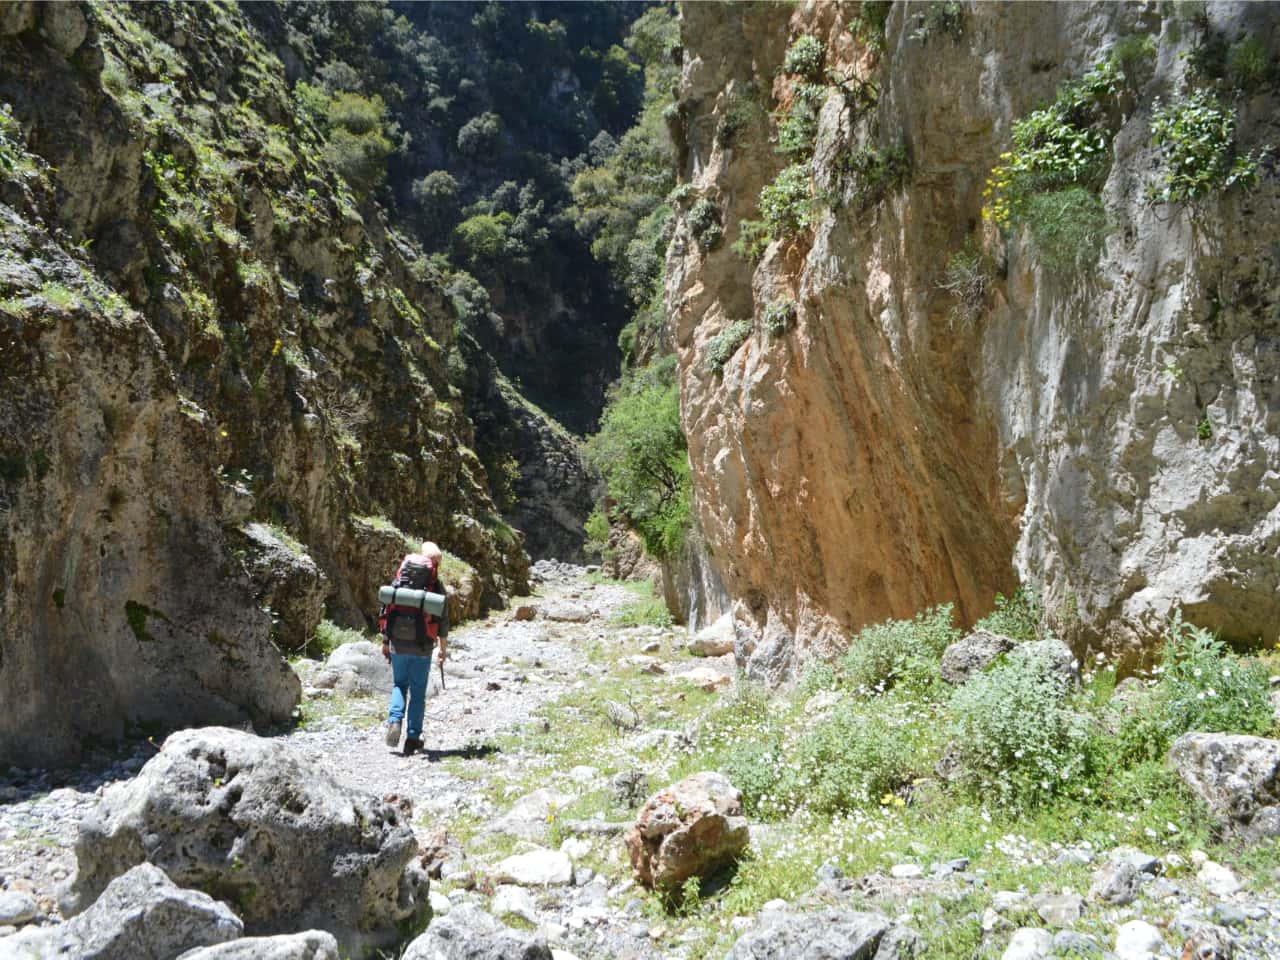 Multi-Day Hiking Tour Southwest Crete, Multi-Day Hiking Tour chania crete, trekking hikng south chania, hiking tour loutro village, paleochora village, imbros gorge, glyka nera, lissos sougia, st irene gorge, livaniana aradena anopolis villages, marmara agia roumeli